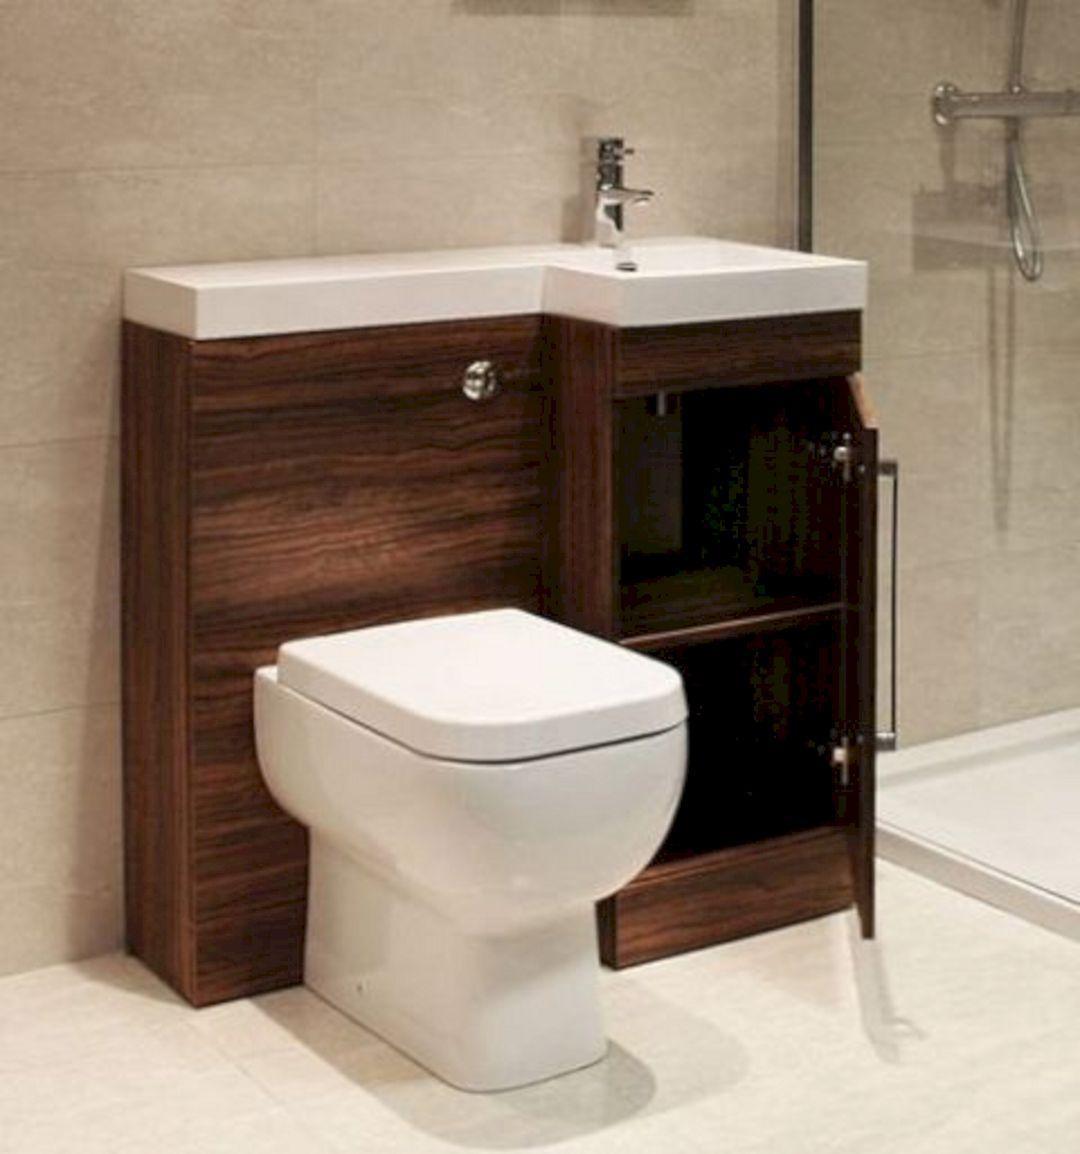 Small Bathroom Flat Sink Ideas 24